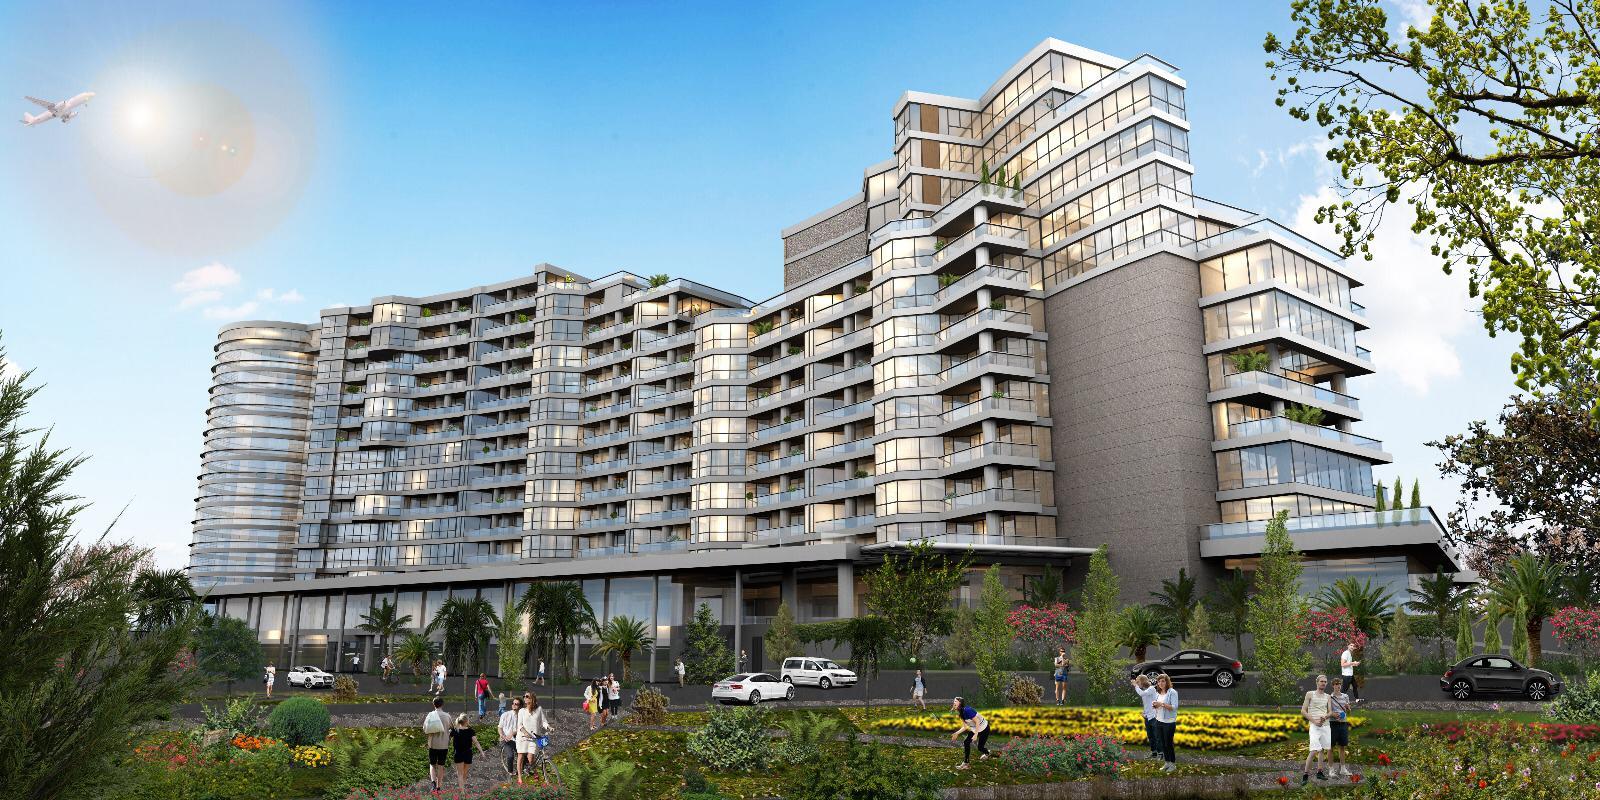 مشروع استثماري مربح و سكني مريح ذو خدمات فندقيه عاليه | BR-238